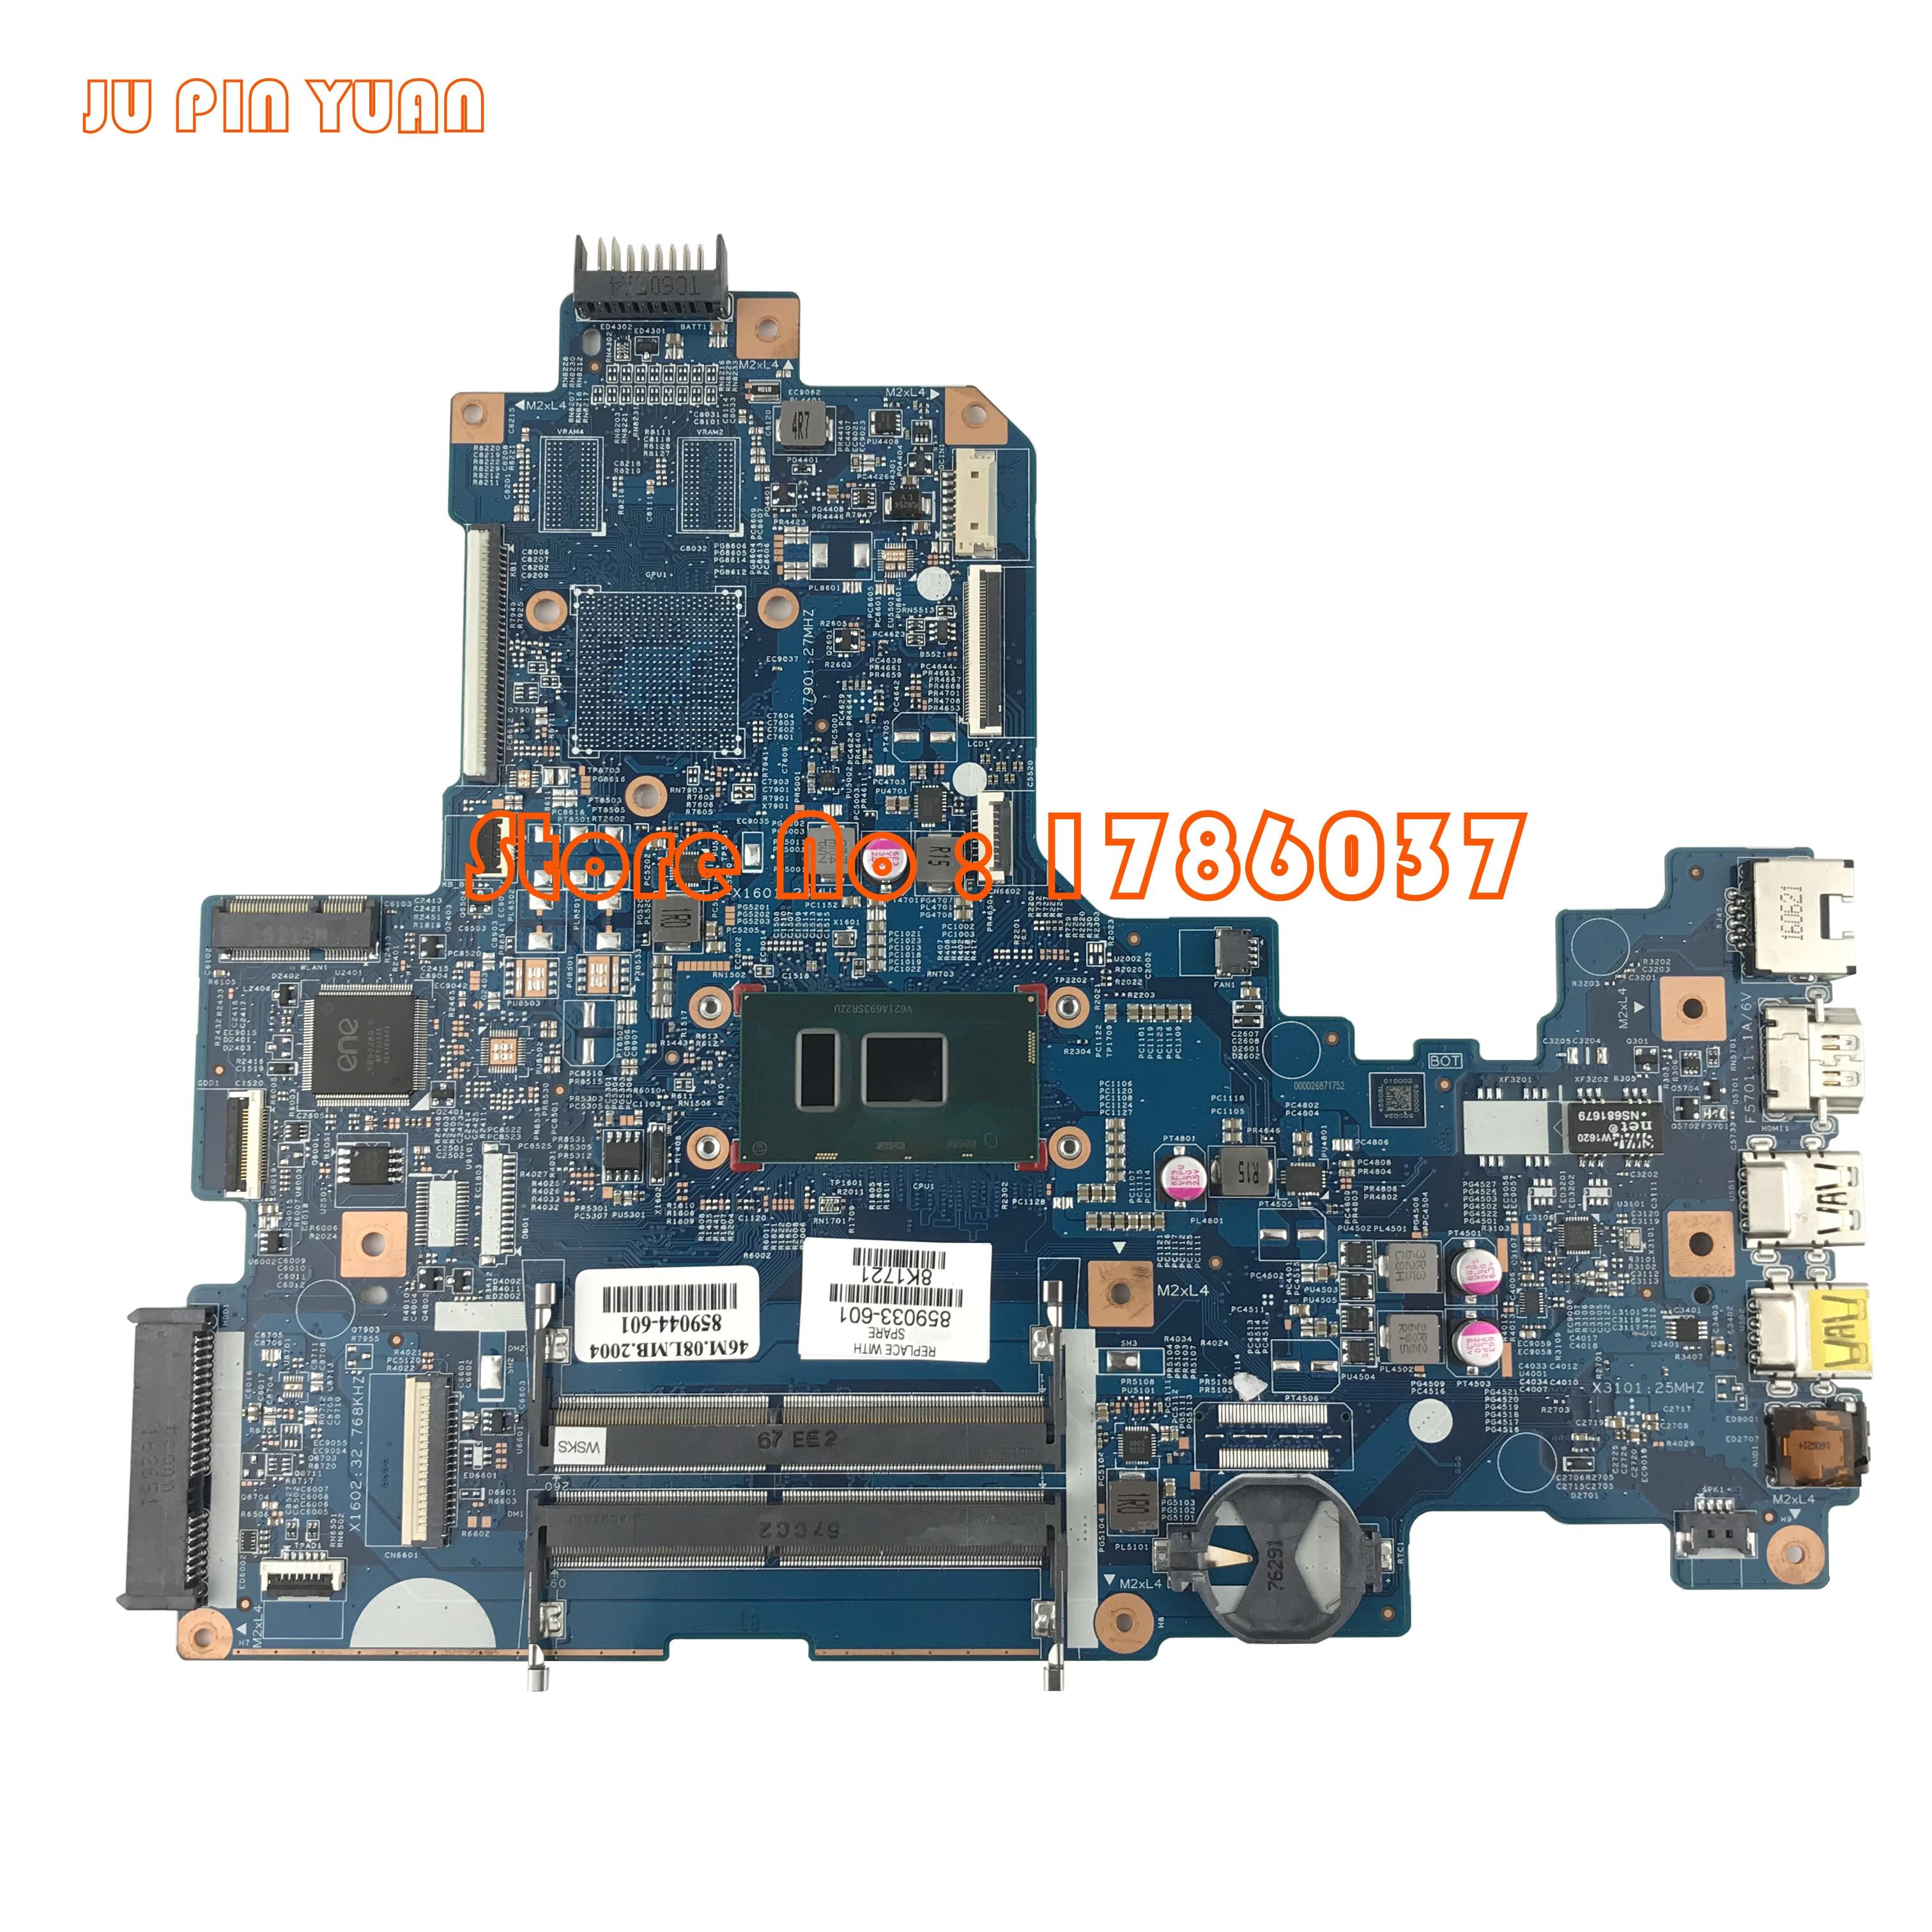 JU PIN YUAN 859033-601 859033-501 448.08E01.0021 para Notebook HP série motherboard com cpu i5-7200U 17-X totalmente testado